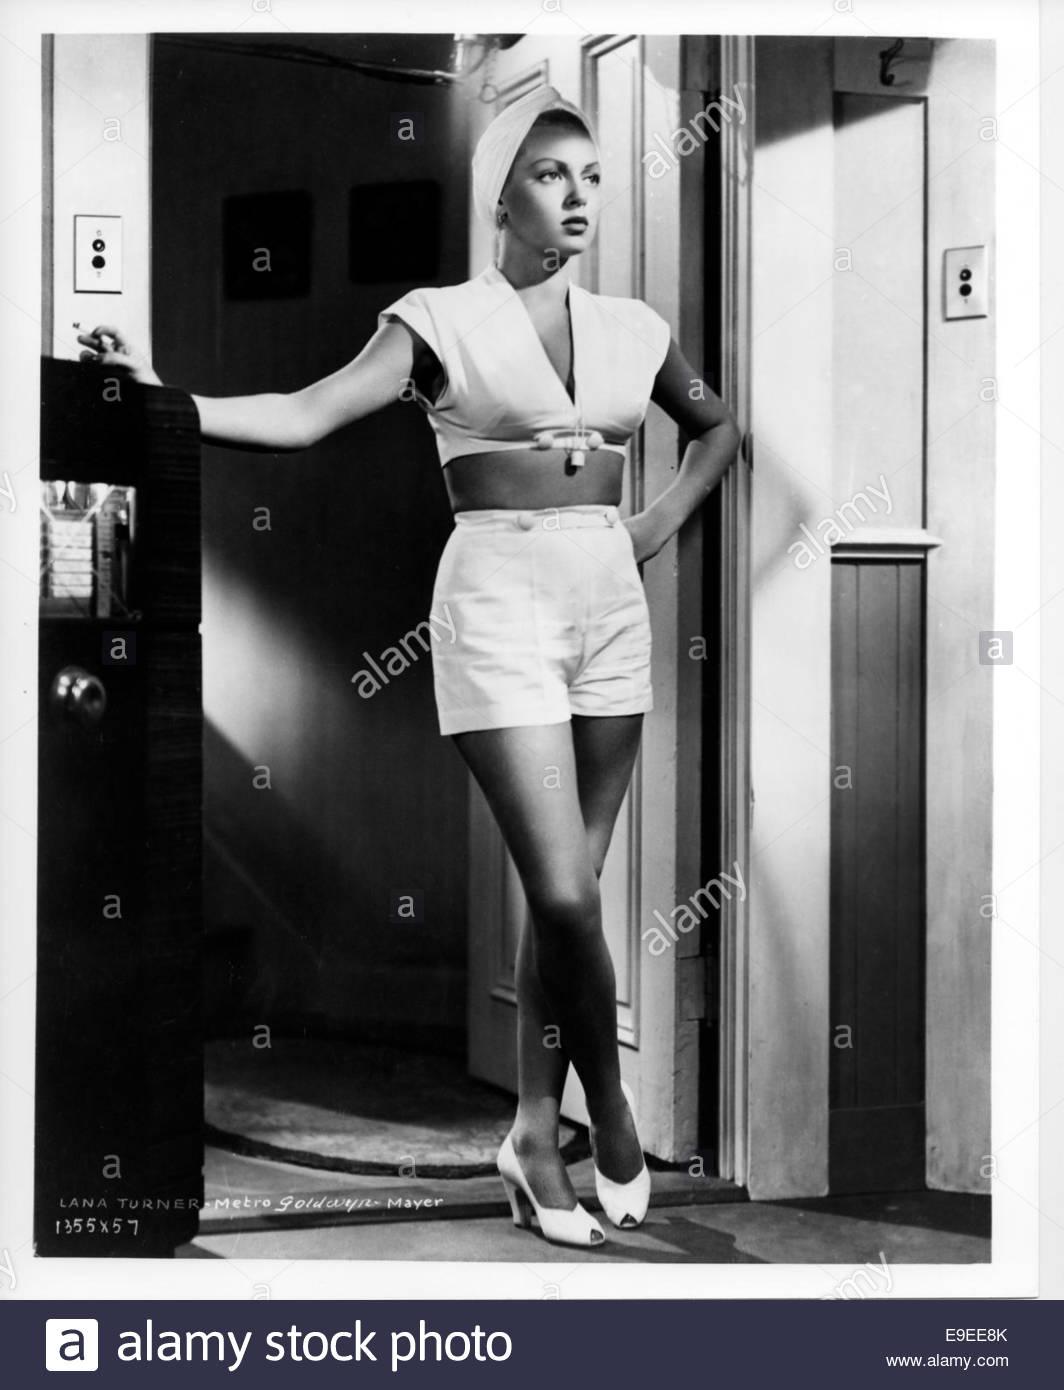 Il postino anelli sempre due volte (1946) - Lana Turner Immagini Stock